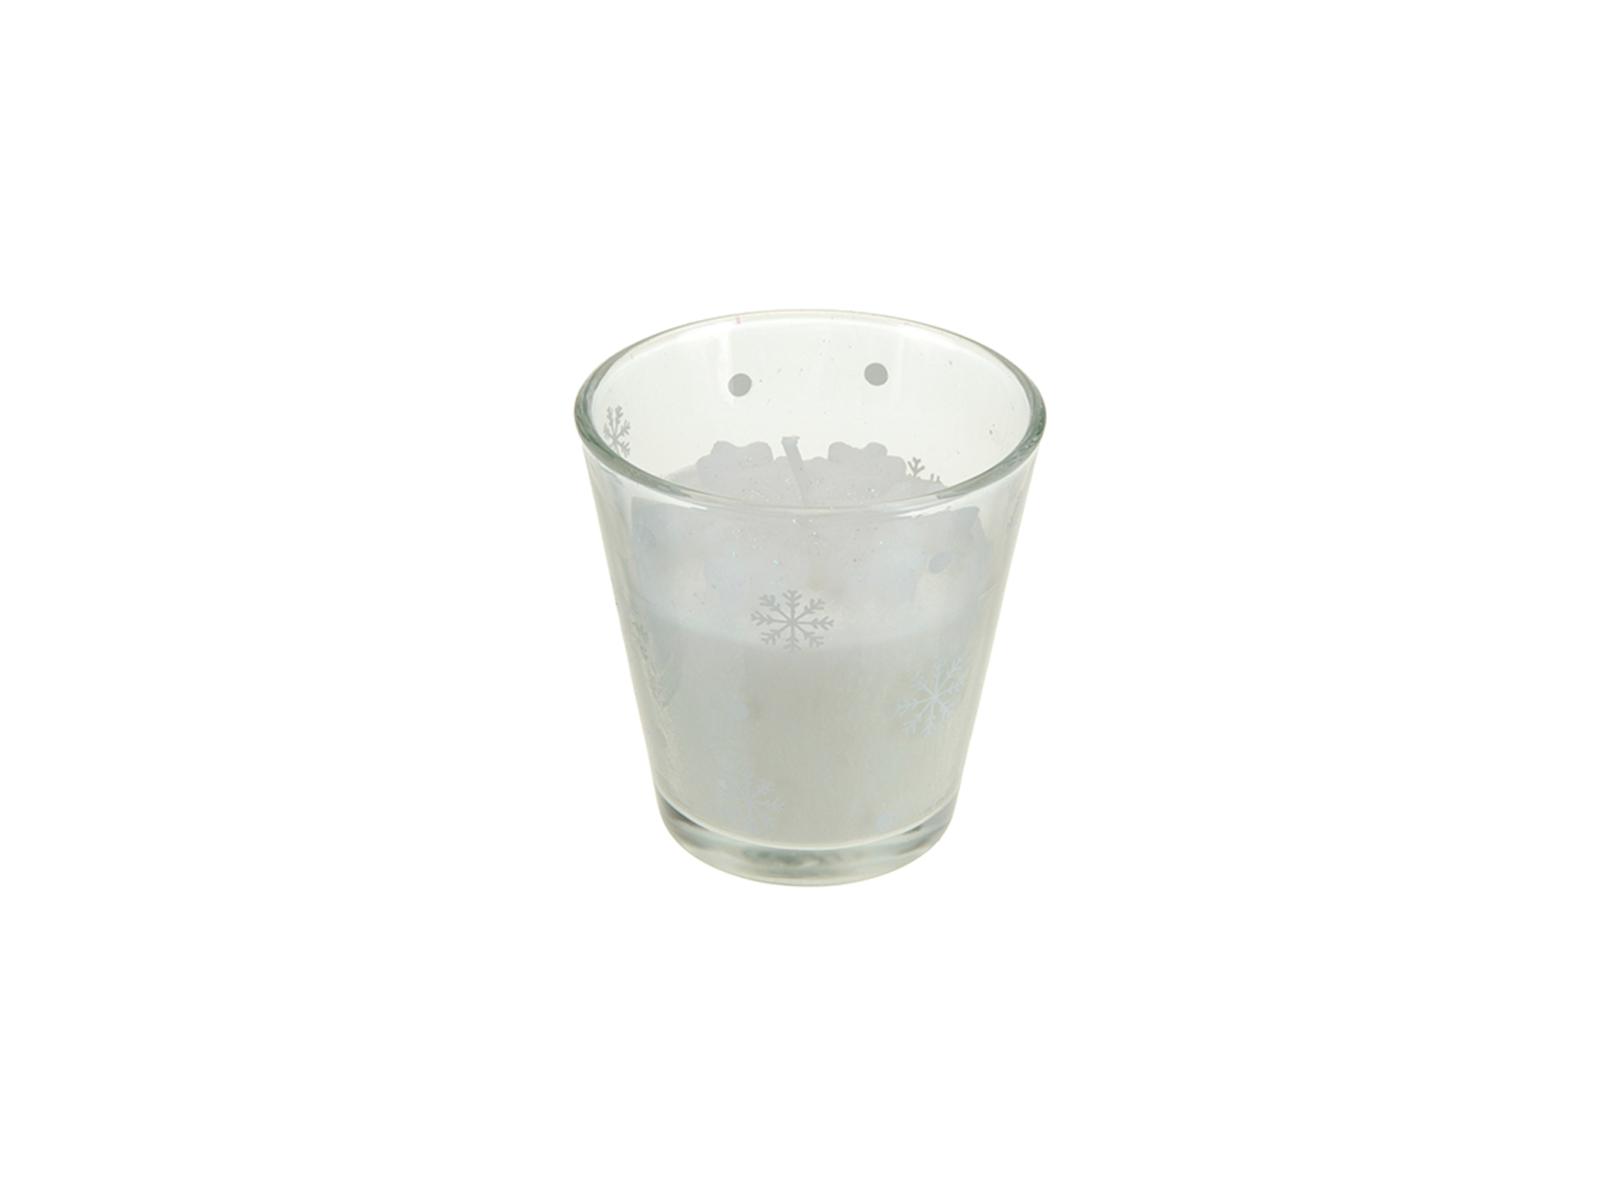 Свеча SnowflakeСвечи и подсвечники<br>Свеча в стеклянном стакане<br>